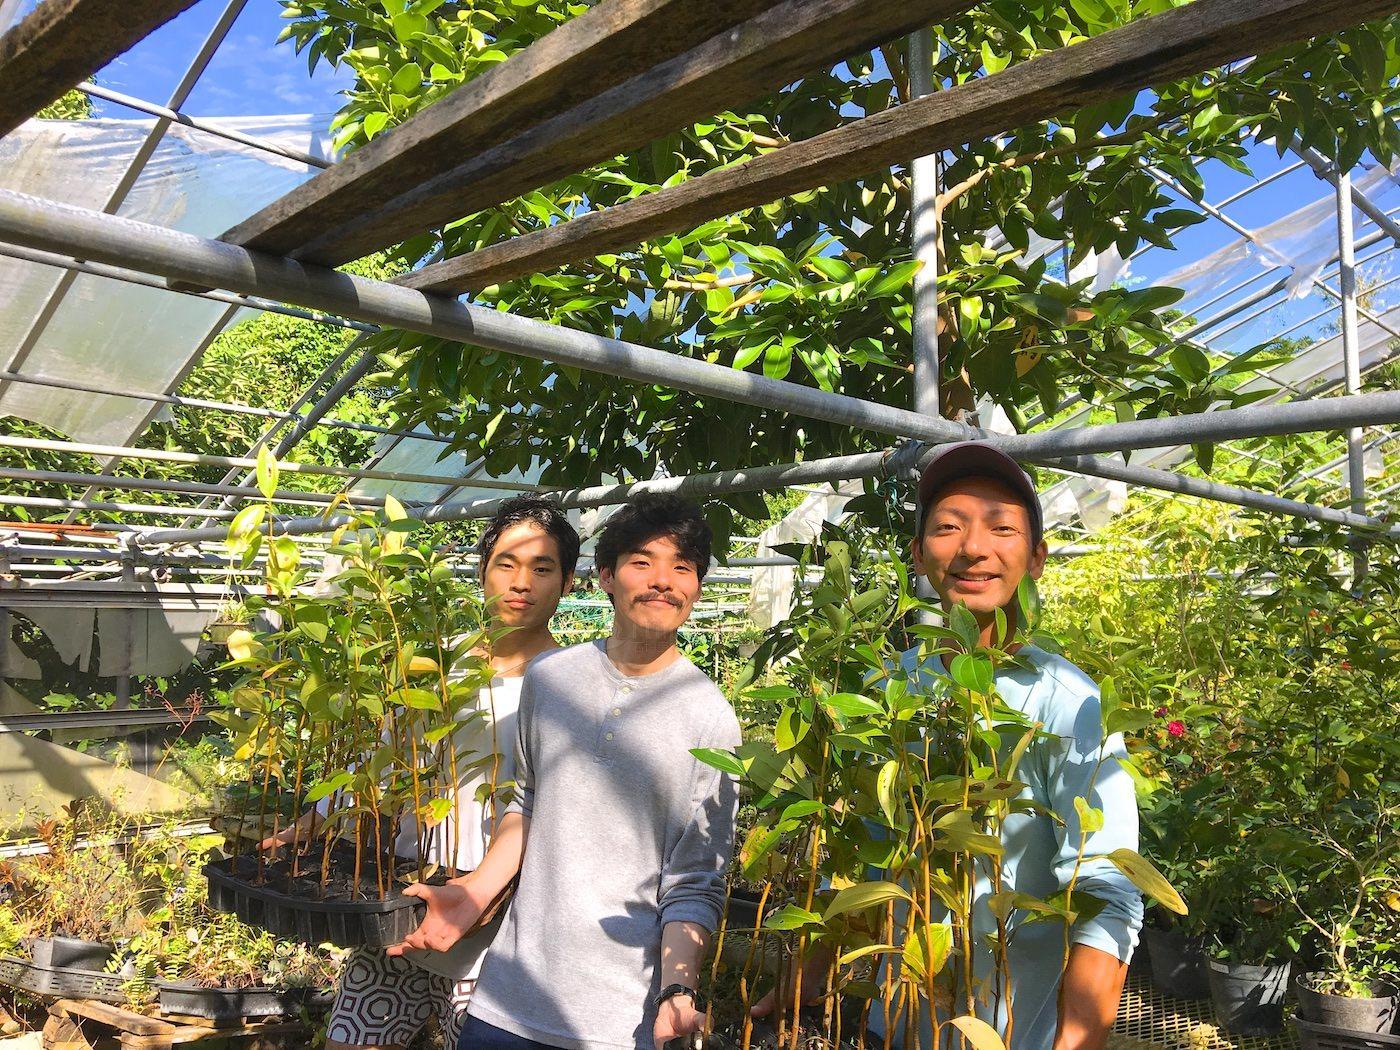 石垣島で植樹